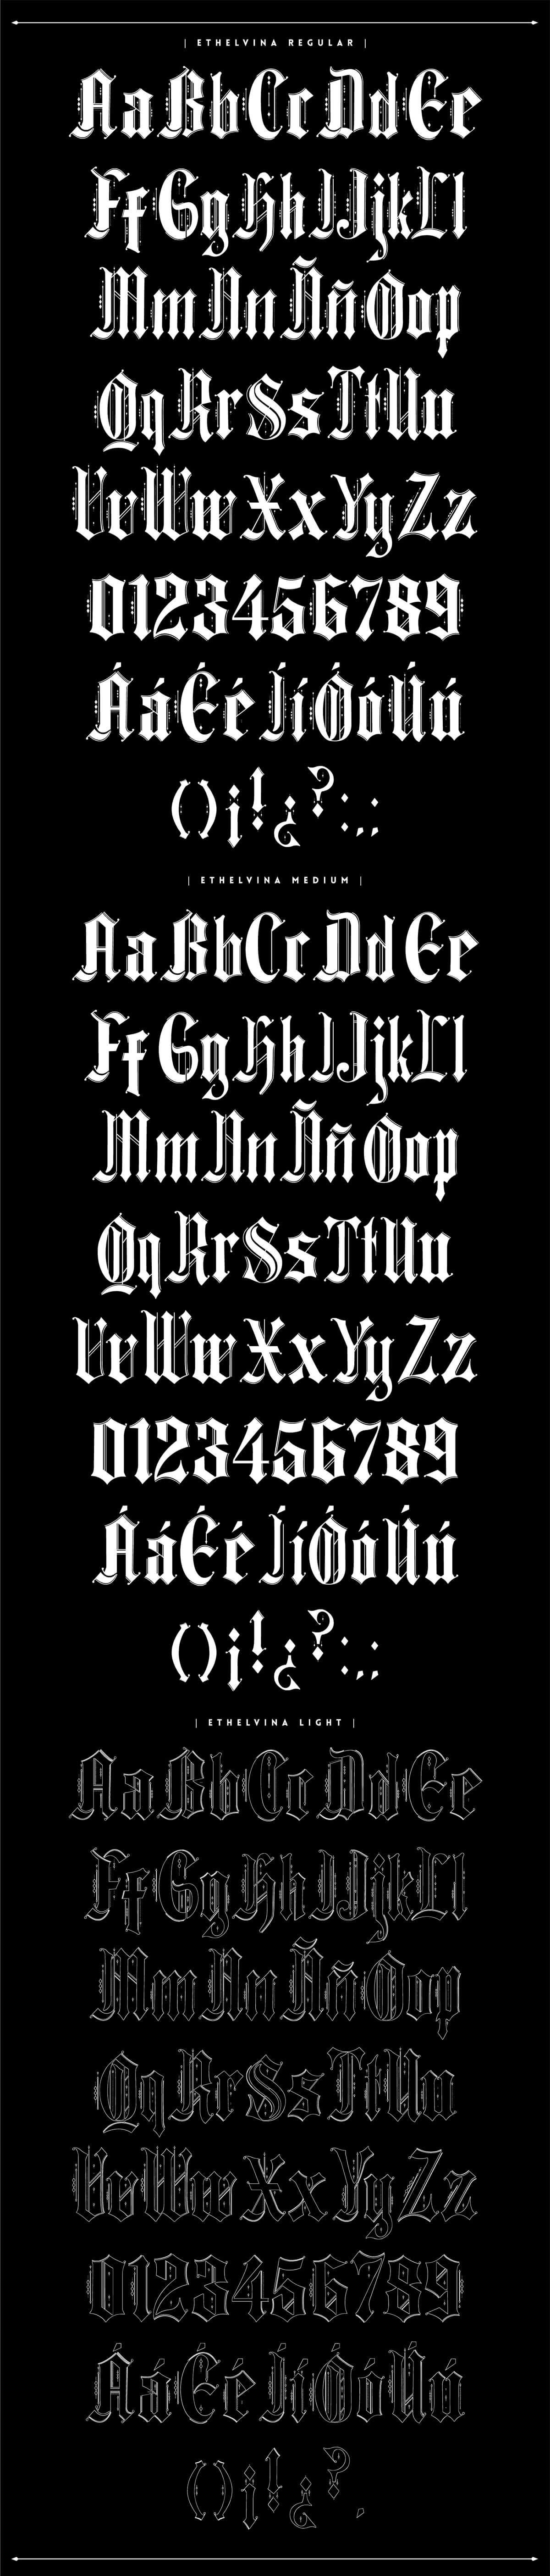 Ethelvina Free Gothic Typeface